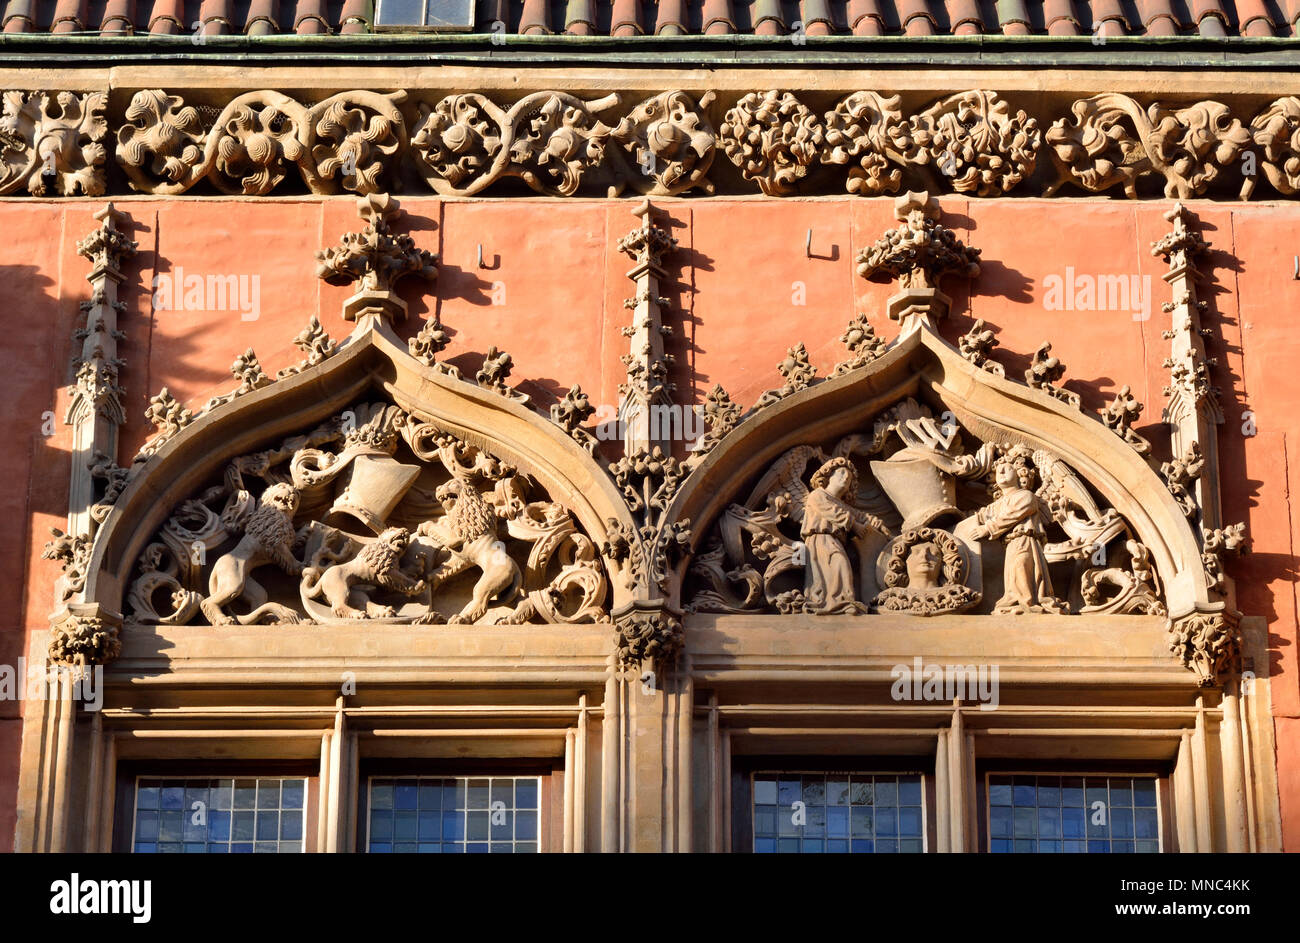 Ventanas del antiguo Ayuntamiento gótico (Stary Ratusz) en el Rynek (Plaza del Mercado). Wroclaw, Polonia Imagen De Stock